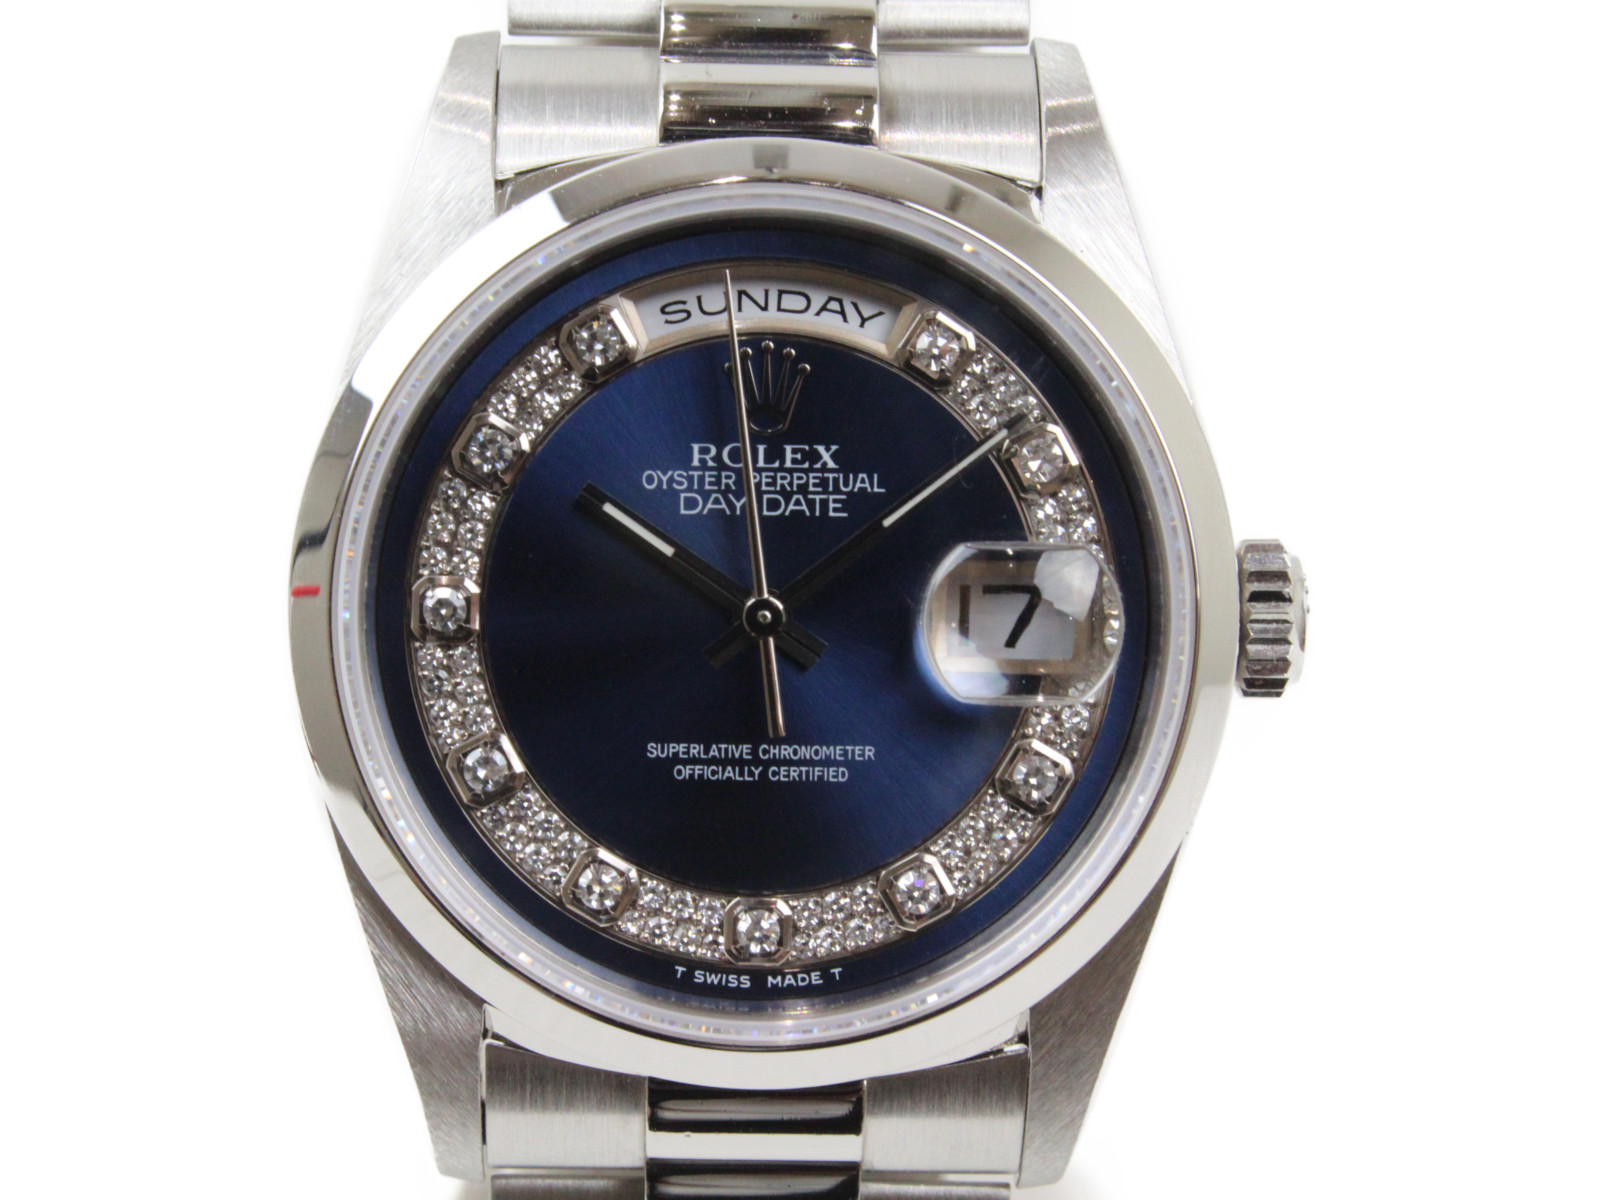 【プラチナ無垢】ROLEX ロレックス デイデイト ミリヤードブルー 18206MG W番 1994年 自動巻き デイト 曜日 ダイヤモンド プラチナ無垢 メンズ 腕時計【中古】